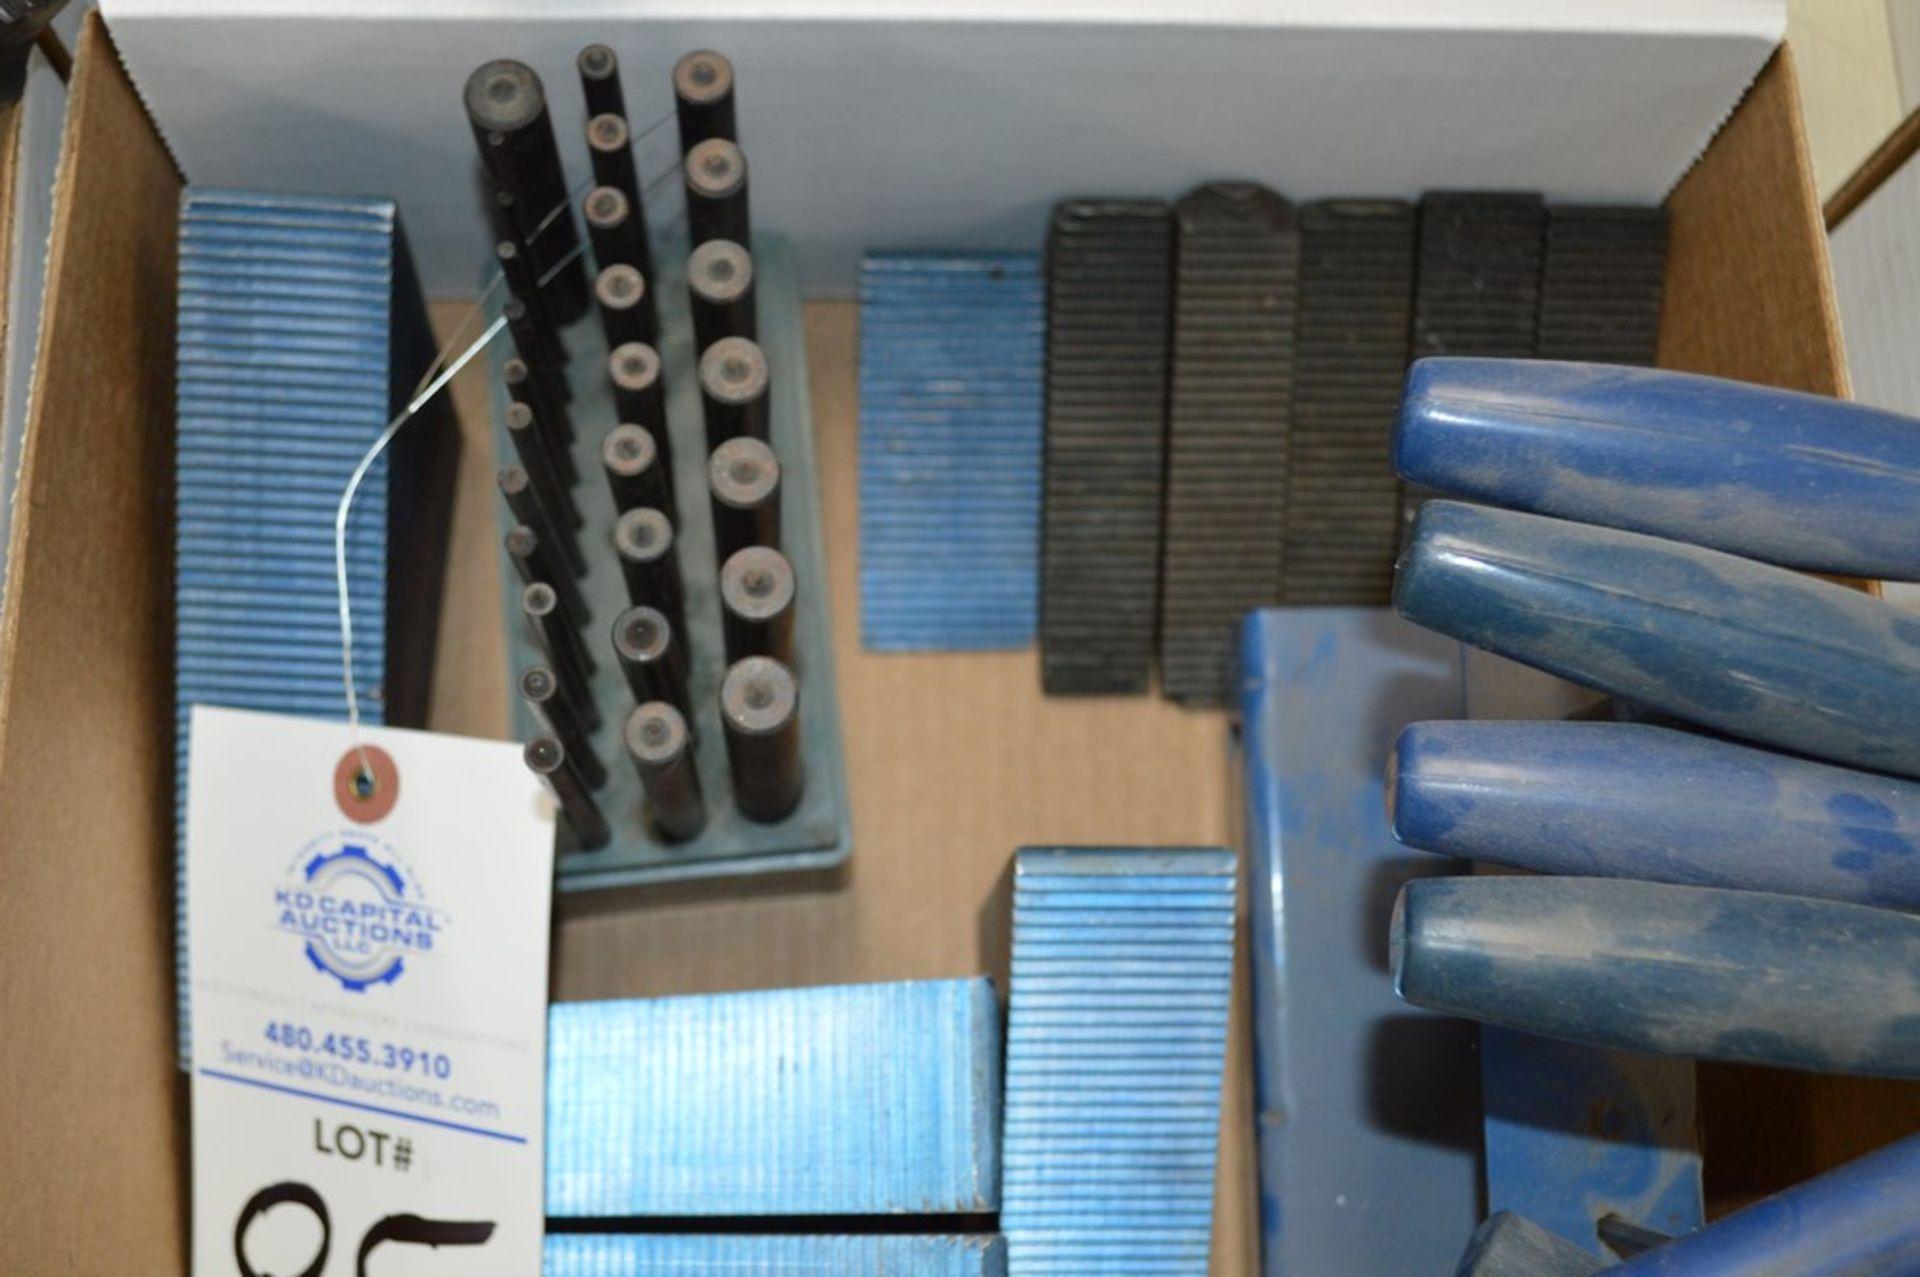 Plug gauges, T Handle hex tools, mill setup blocks - Image 2 of 4